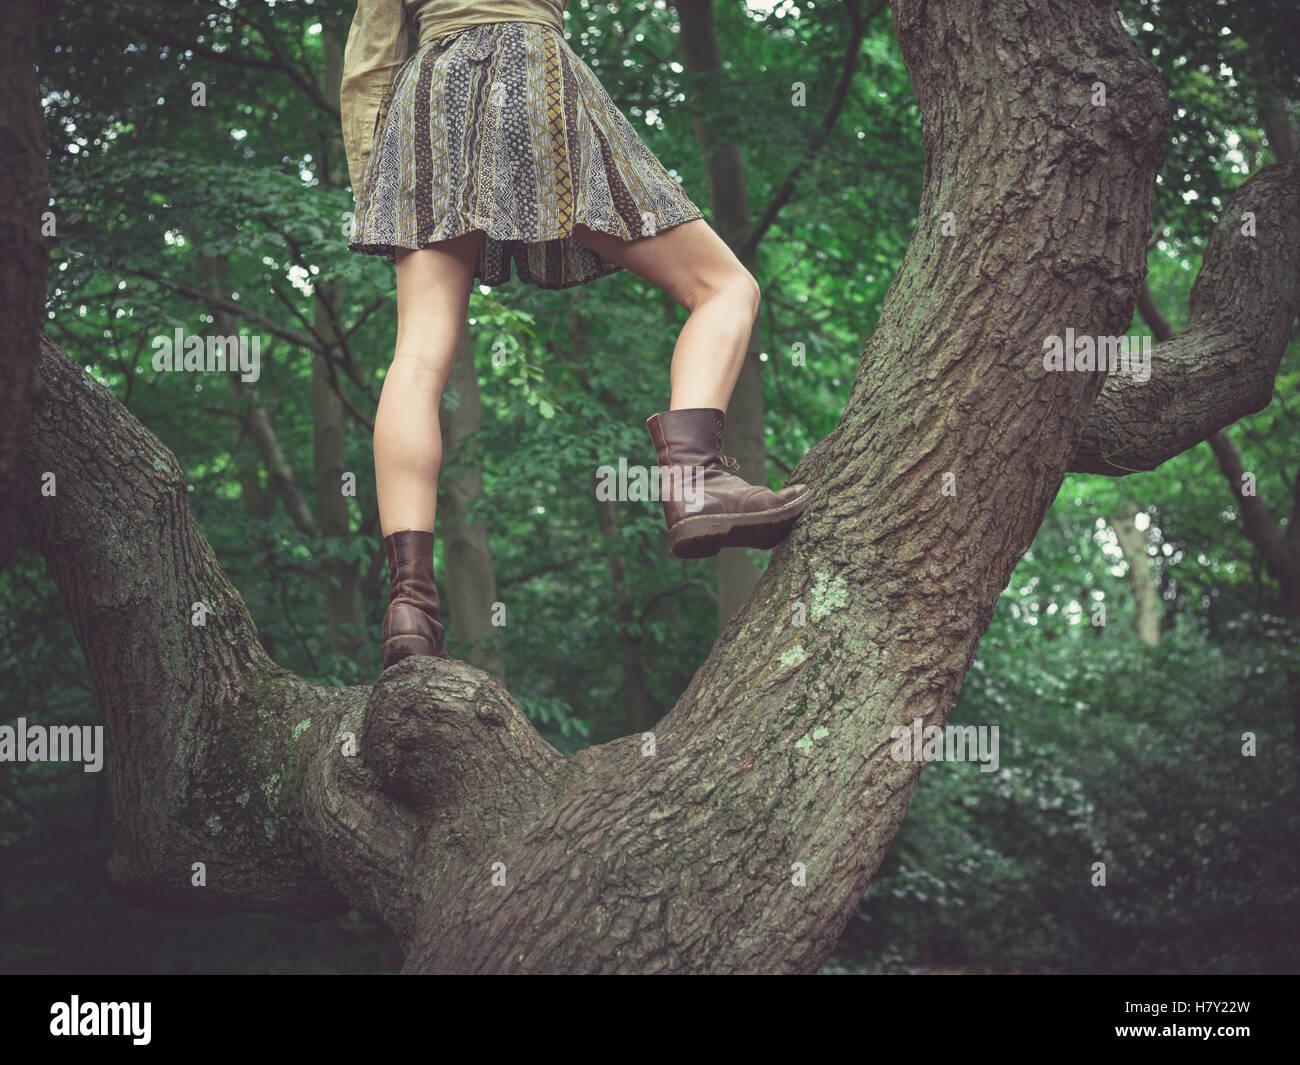 Une jeune femme portant une jupe est debout dans un arbre dans la forêt Photo Stock